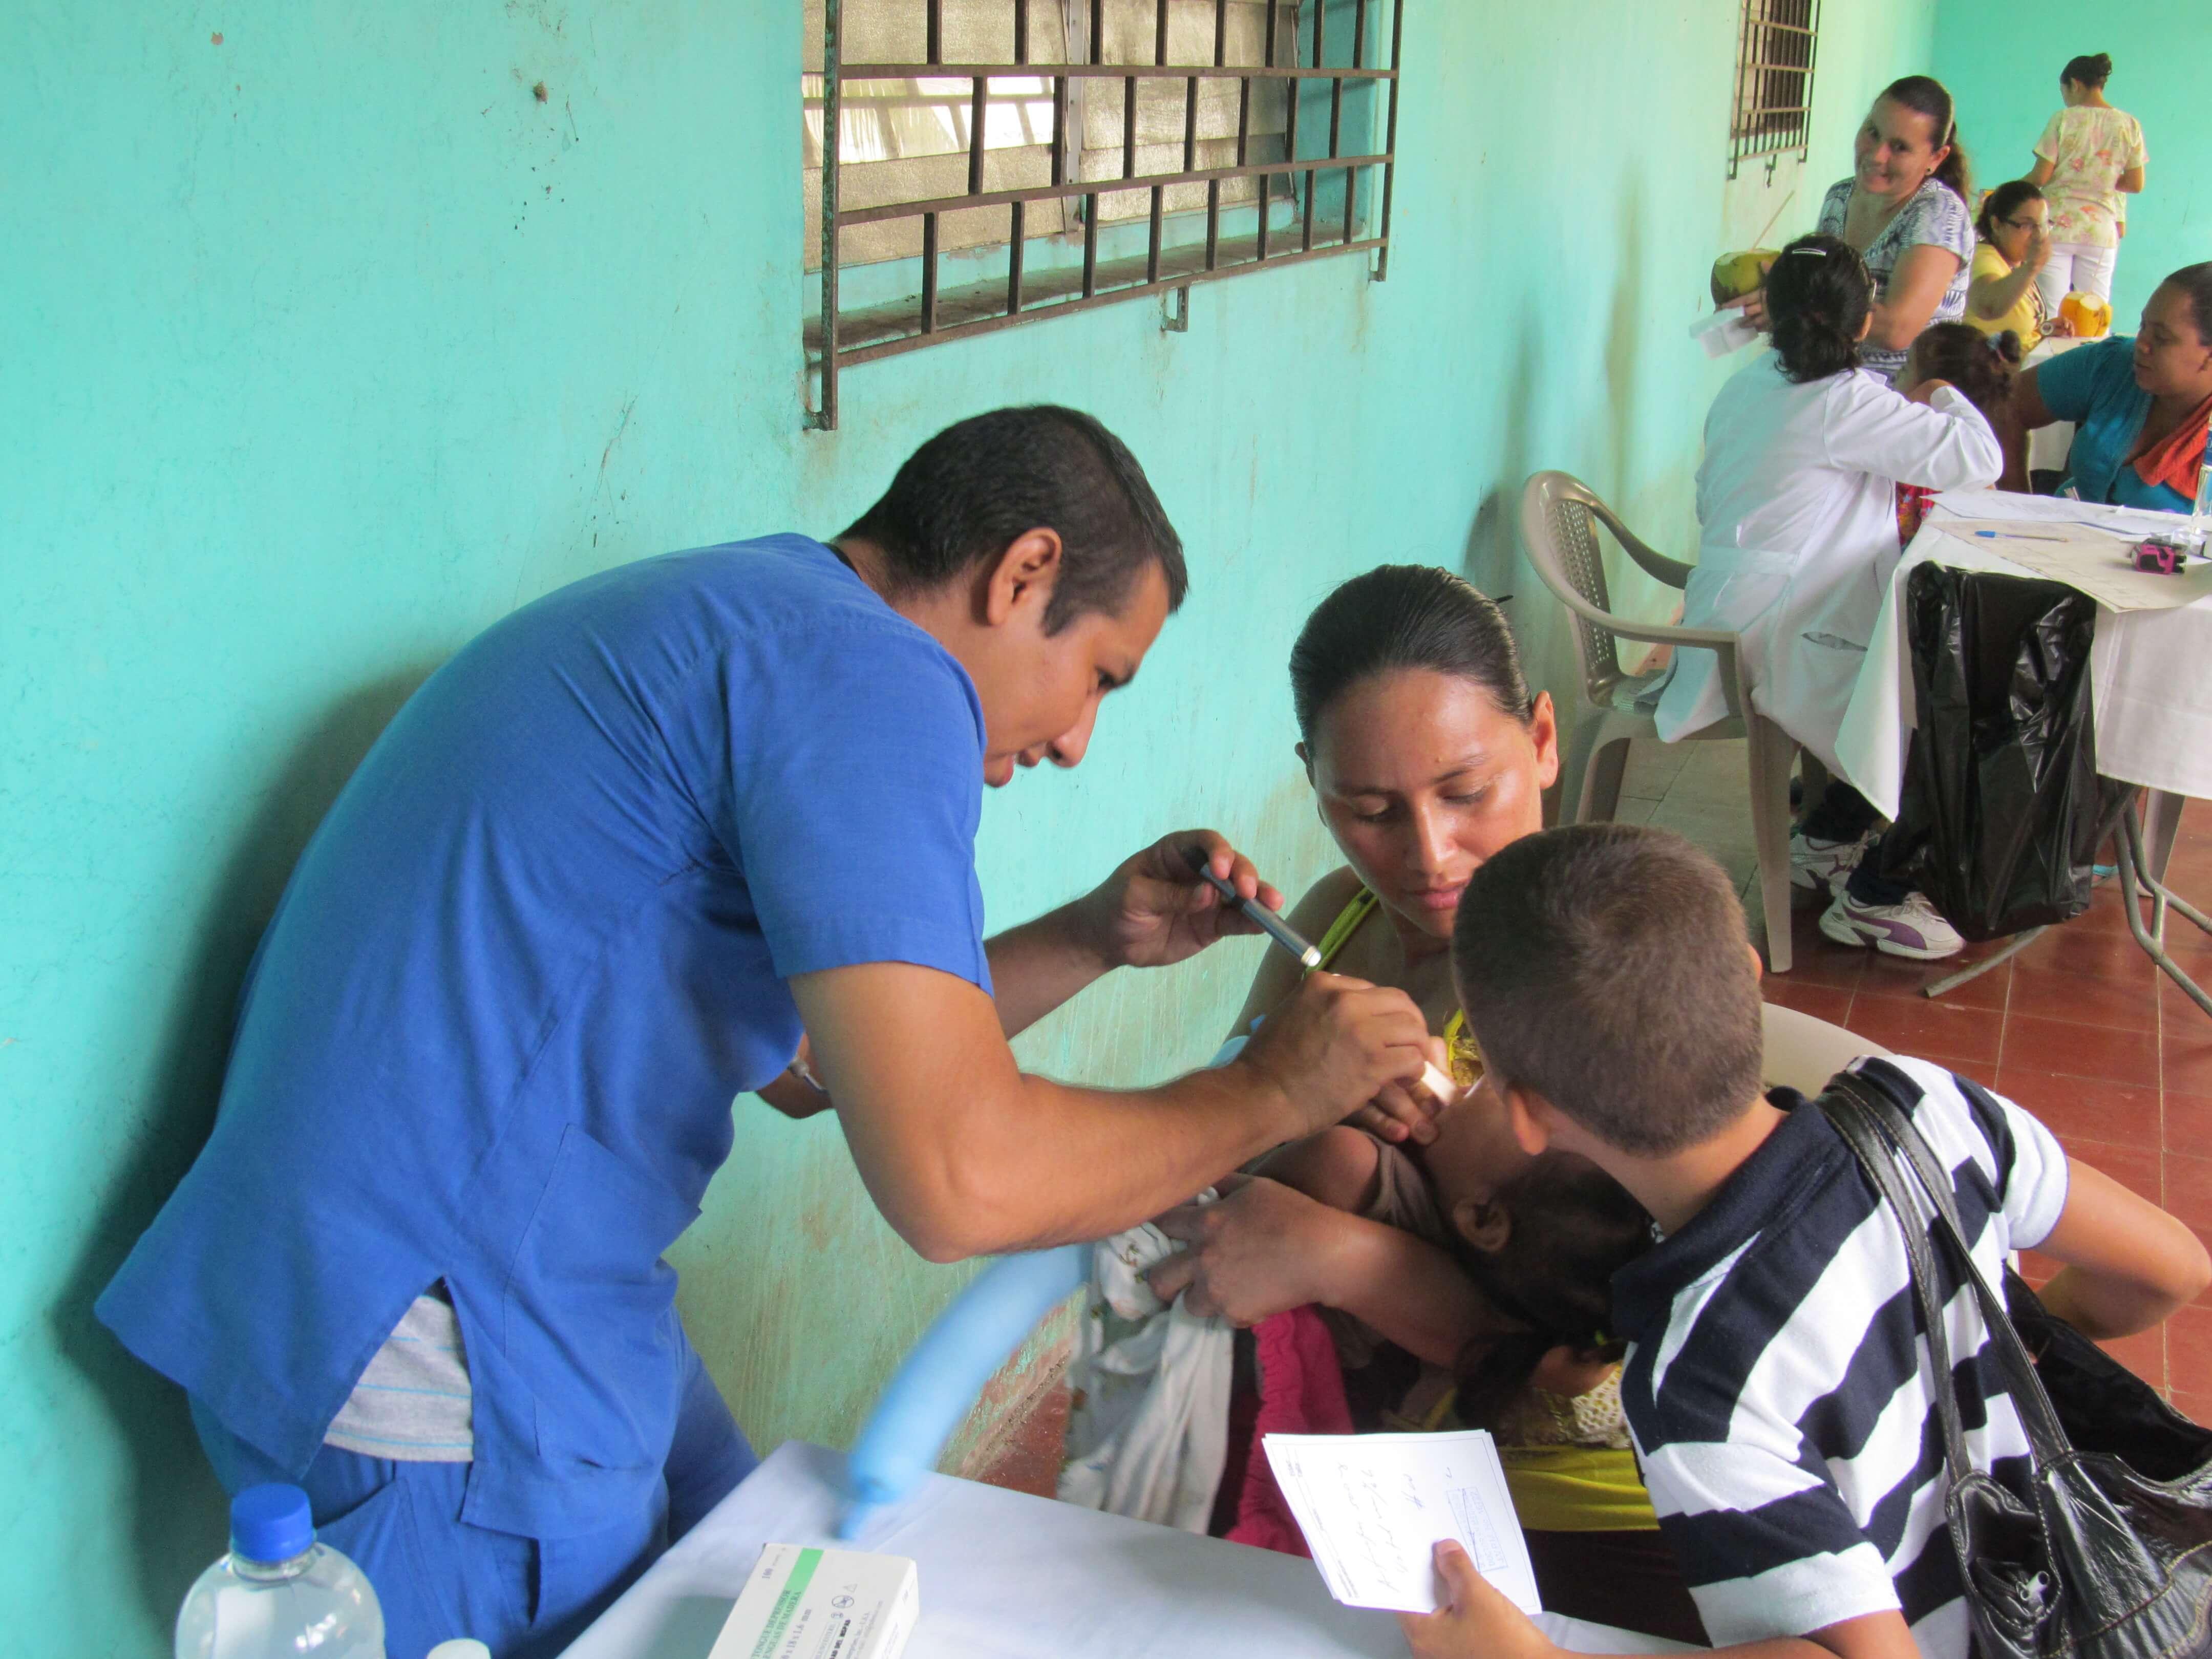 COFOA Health Fair In Las Isletas Helps 300 People